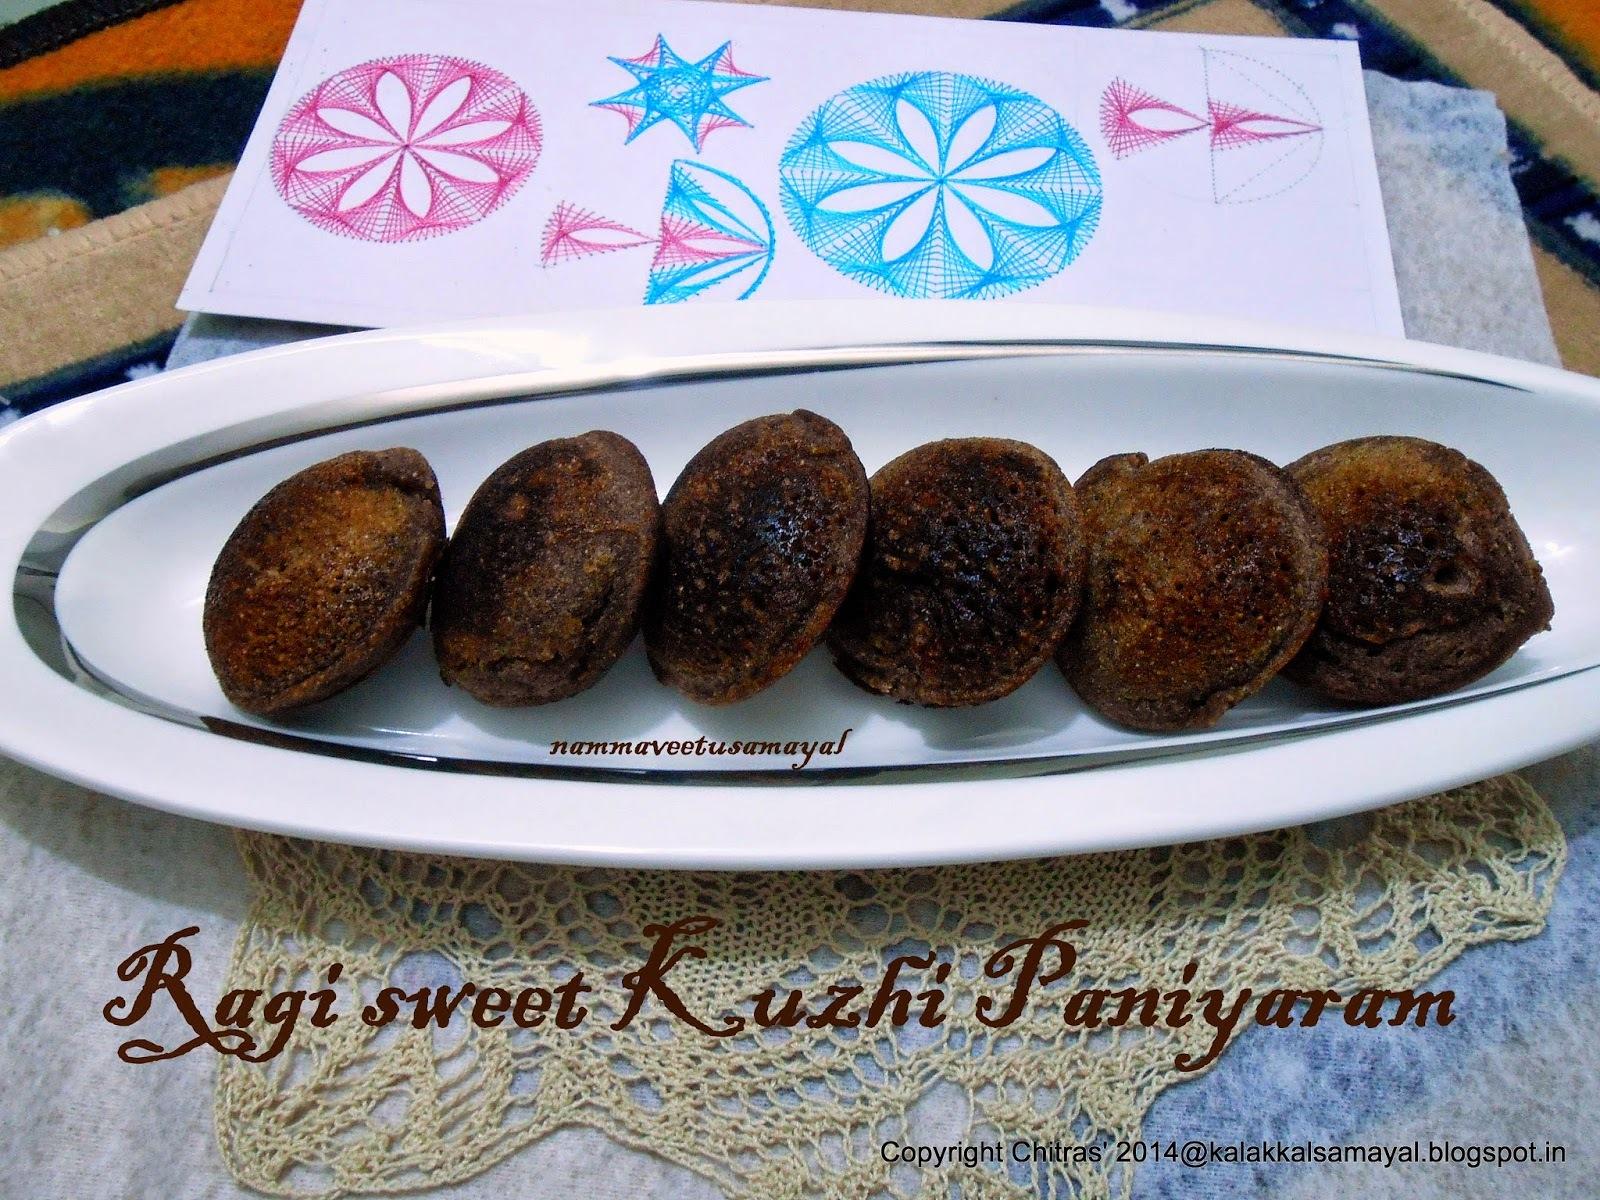 Ragi-Sweet-Kuzhi-Paniyaram